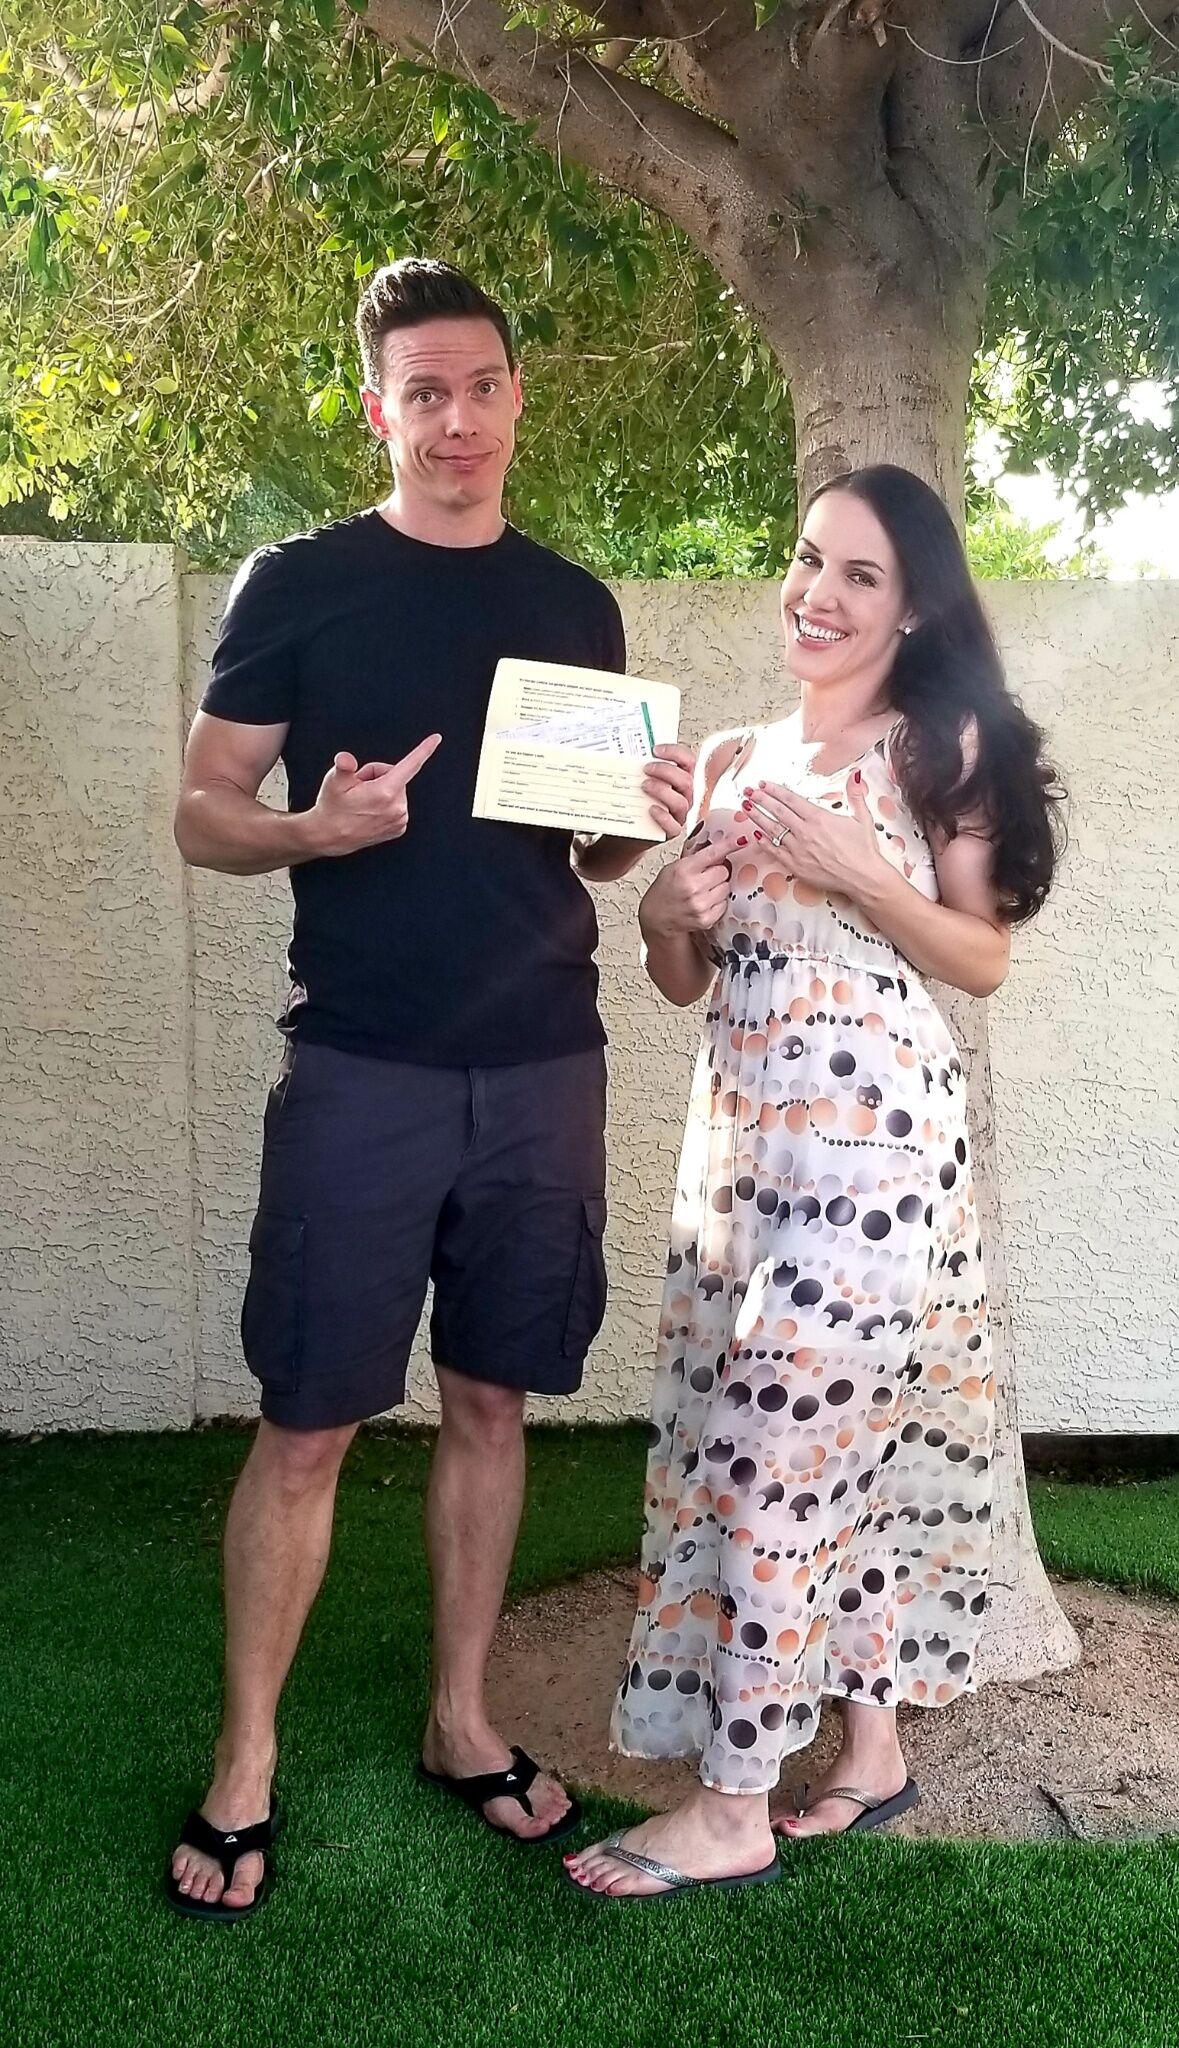 Image 1 of Amanda Sue and Chad Walter